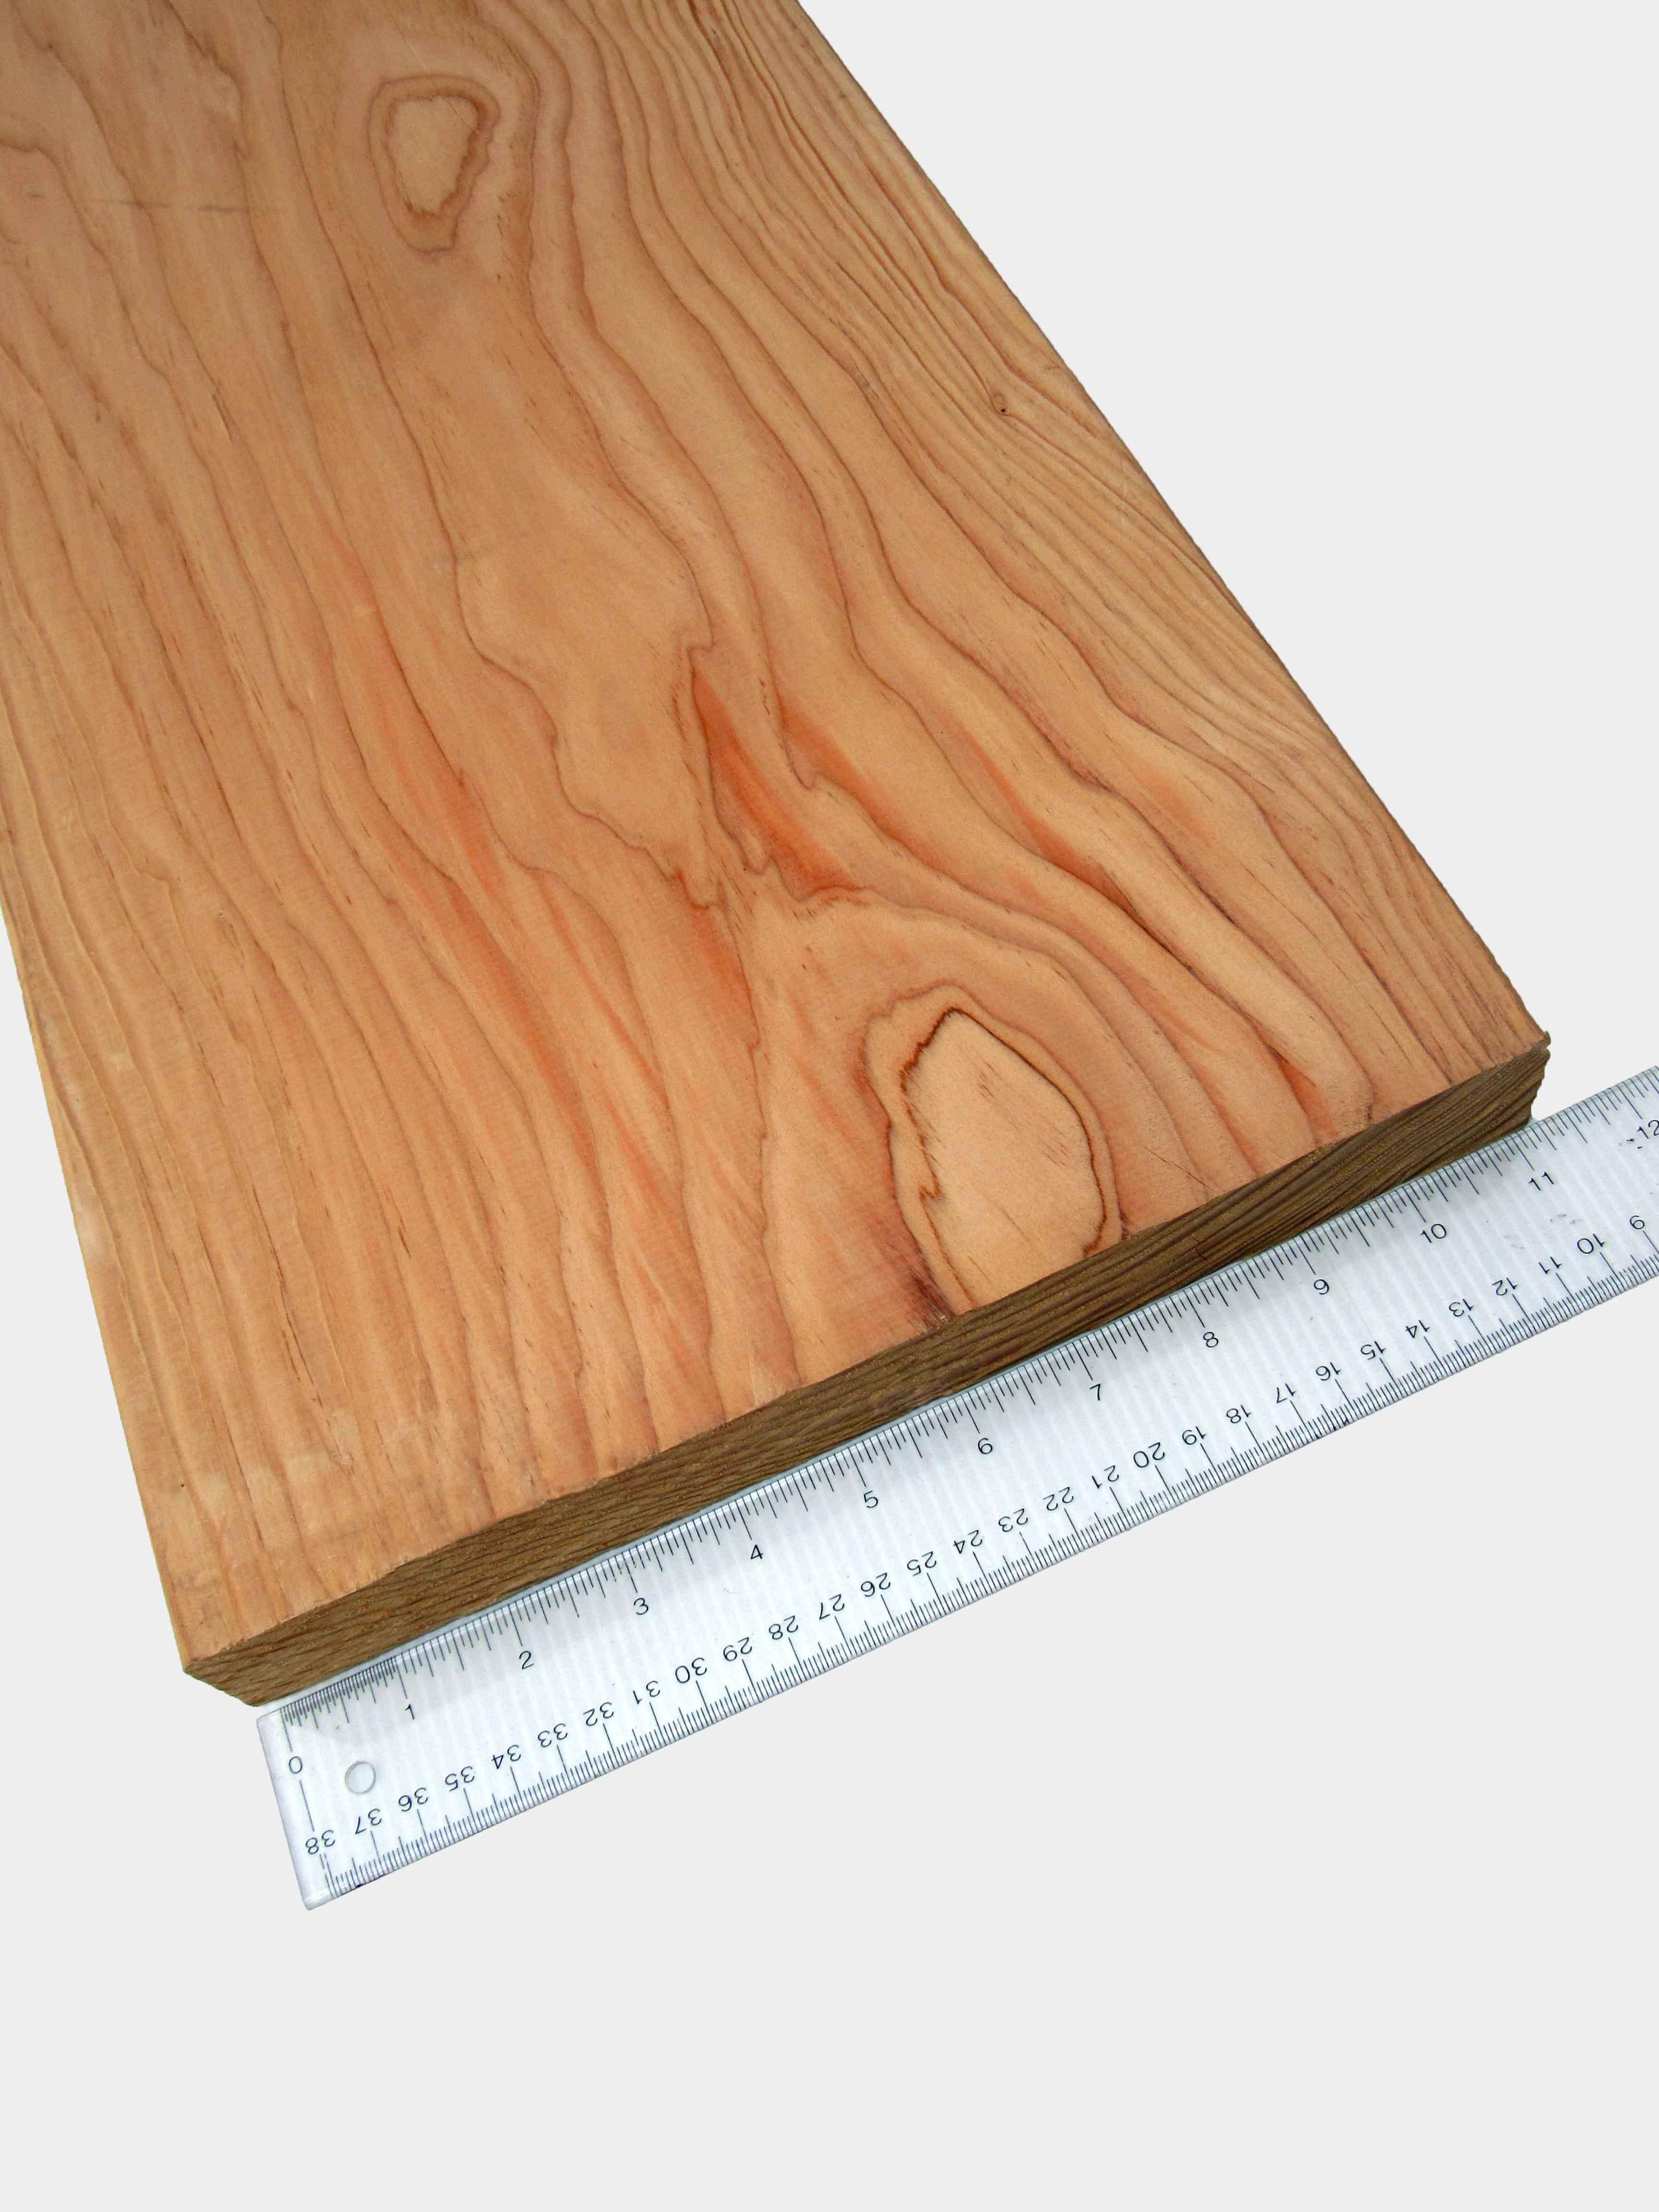 2x12 Doug Fir Clear S4s Capitol City Lumber